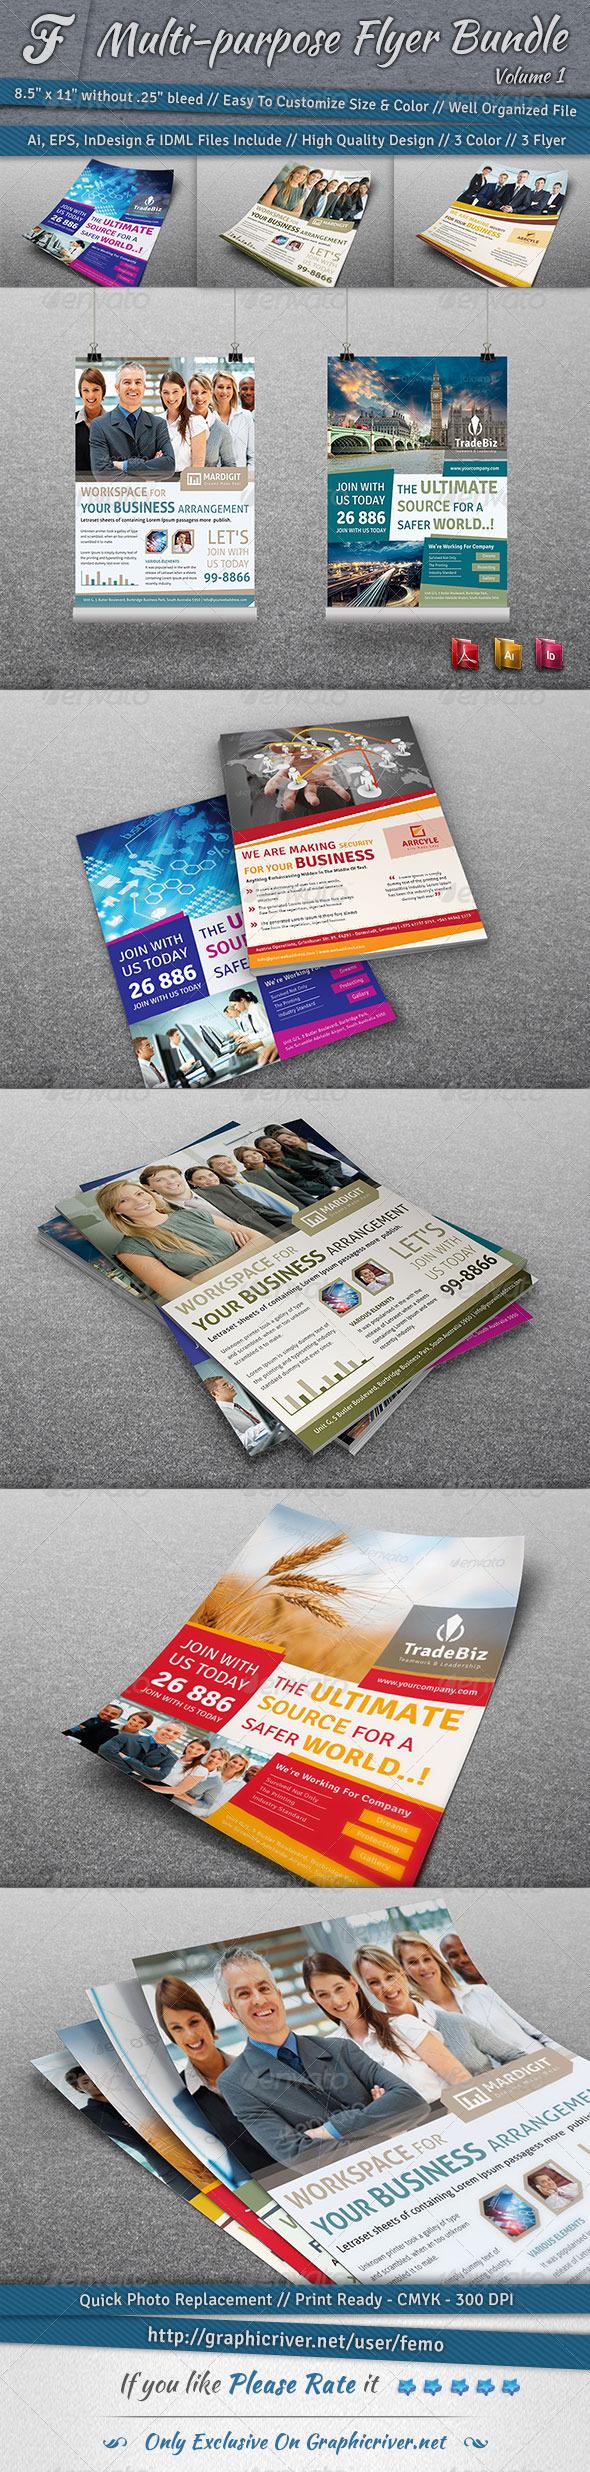 Multi-purpose Flyer Bundle | Volume 1 - Corporate Flyers